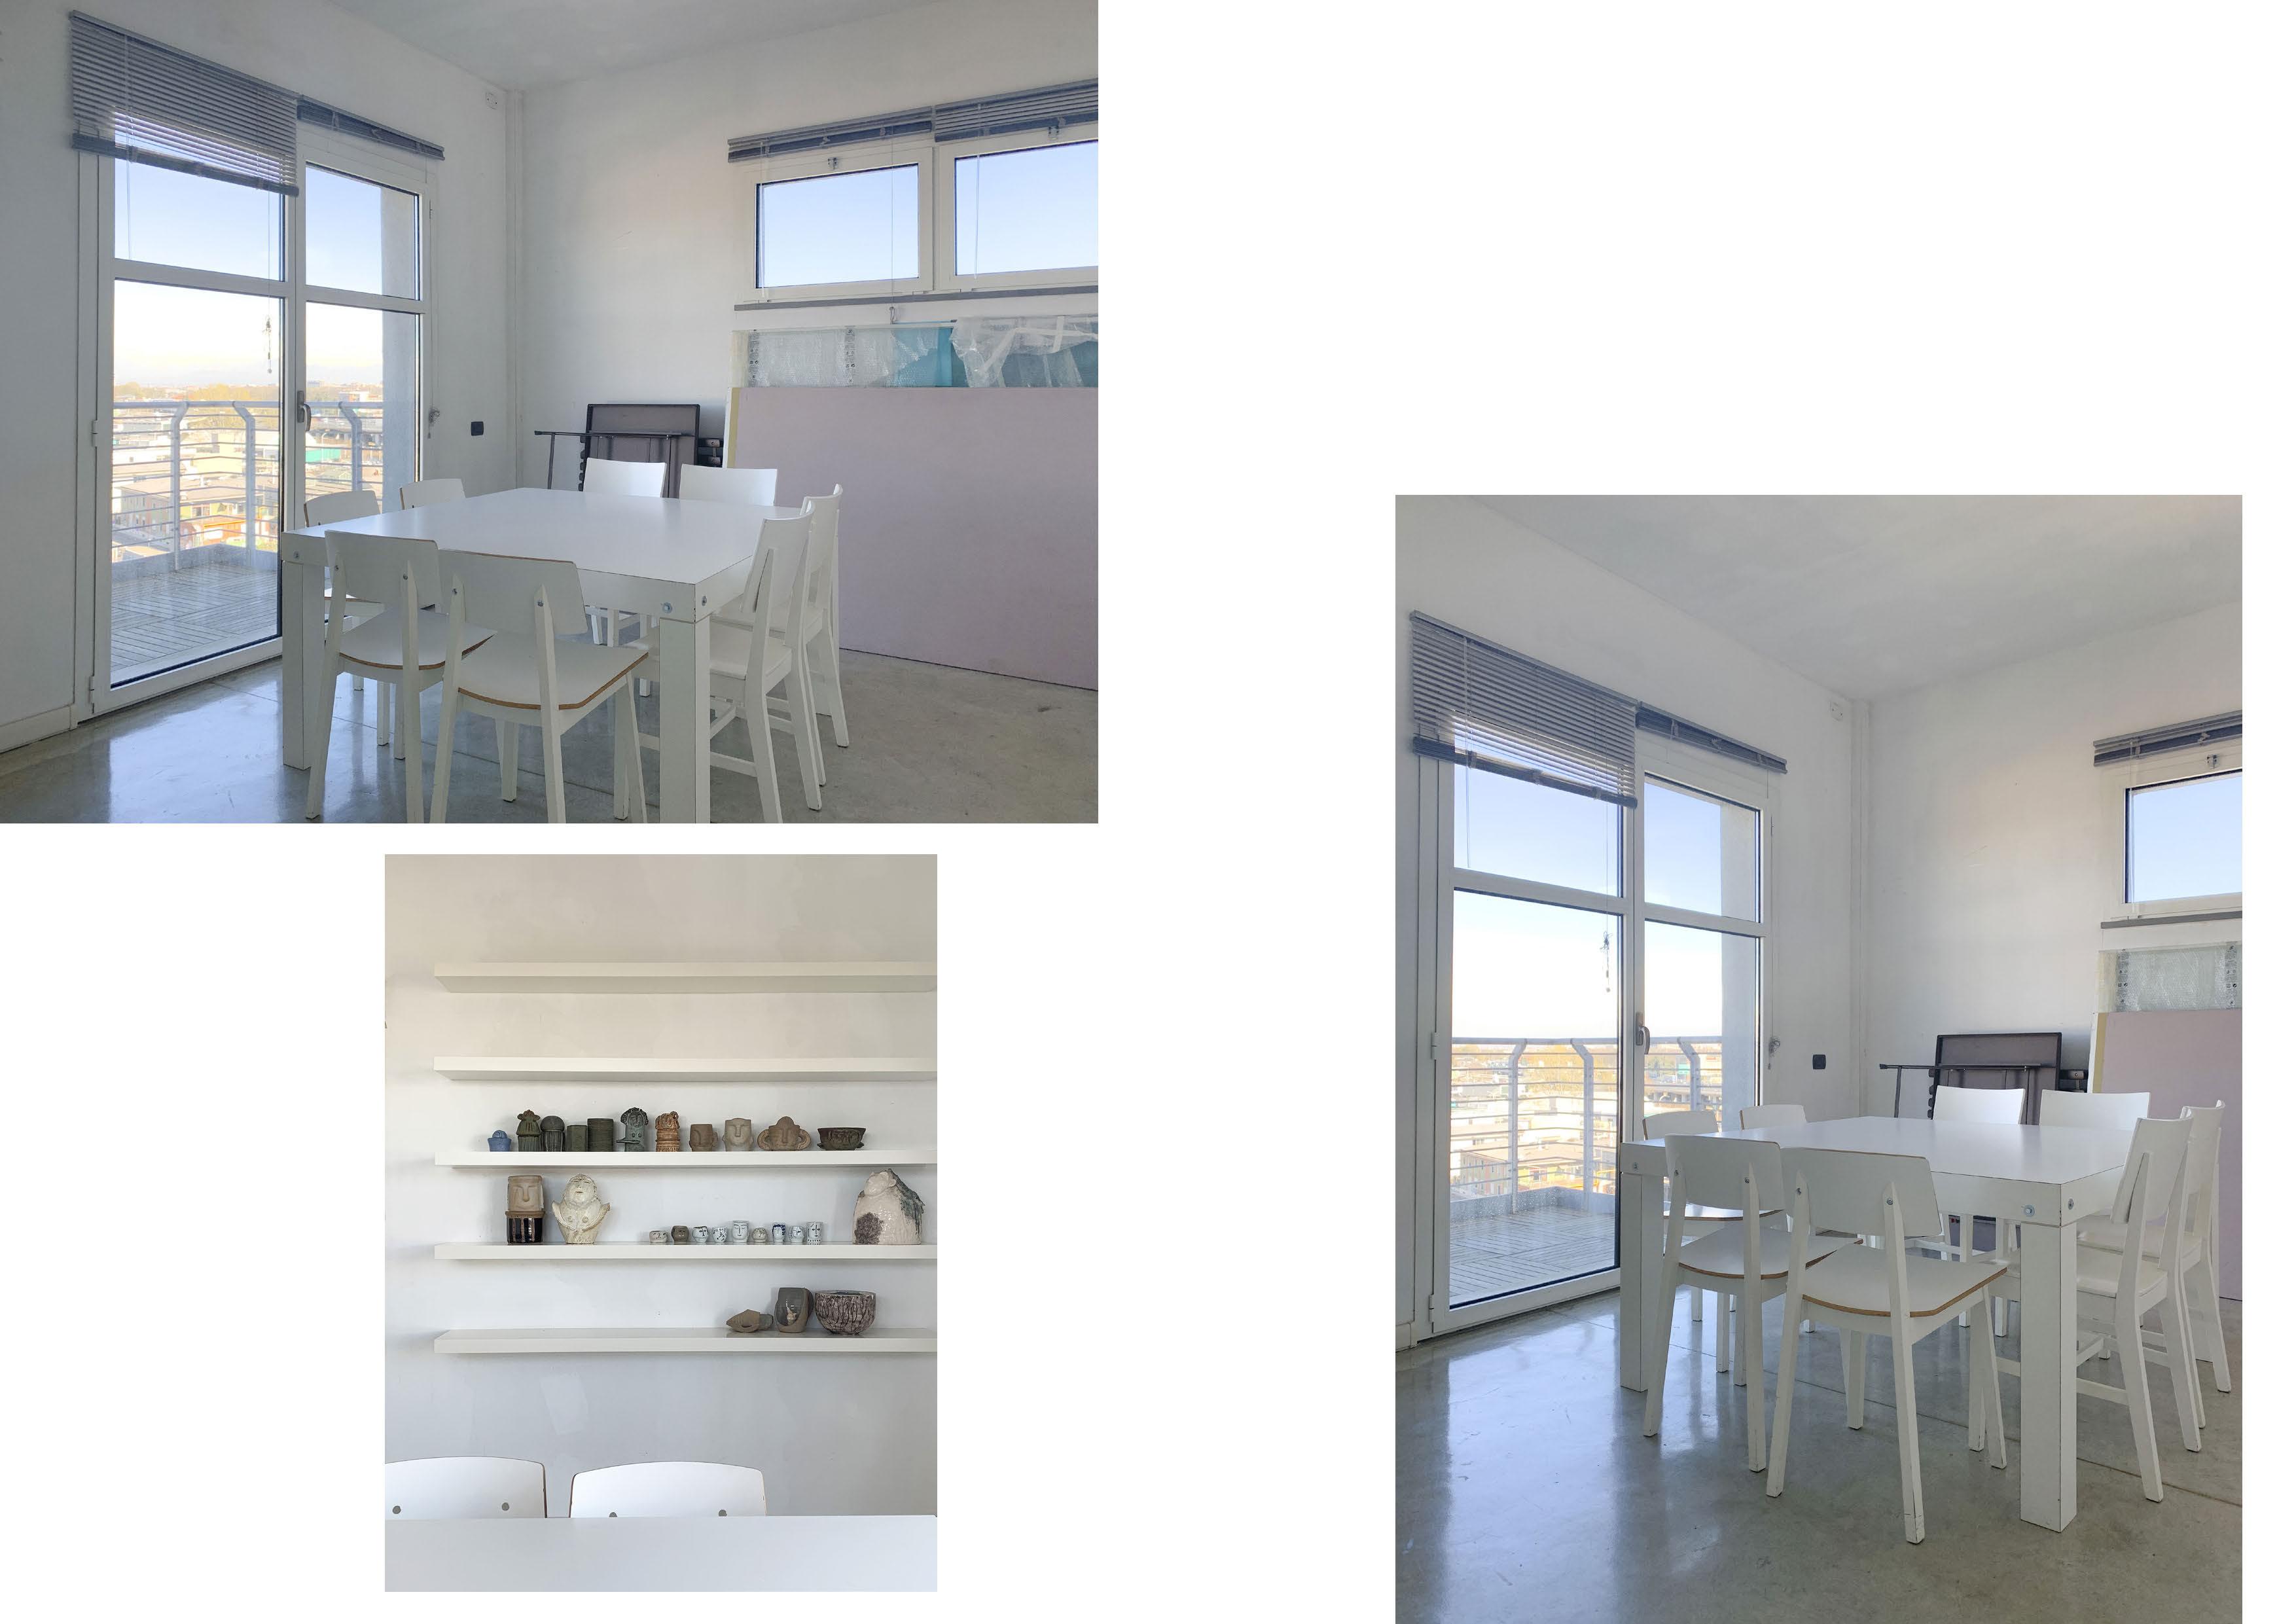 Uragano Studio, Milan